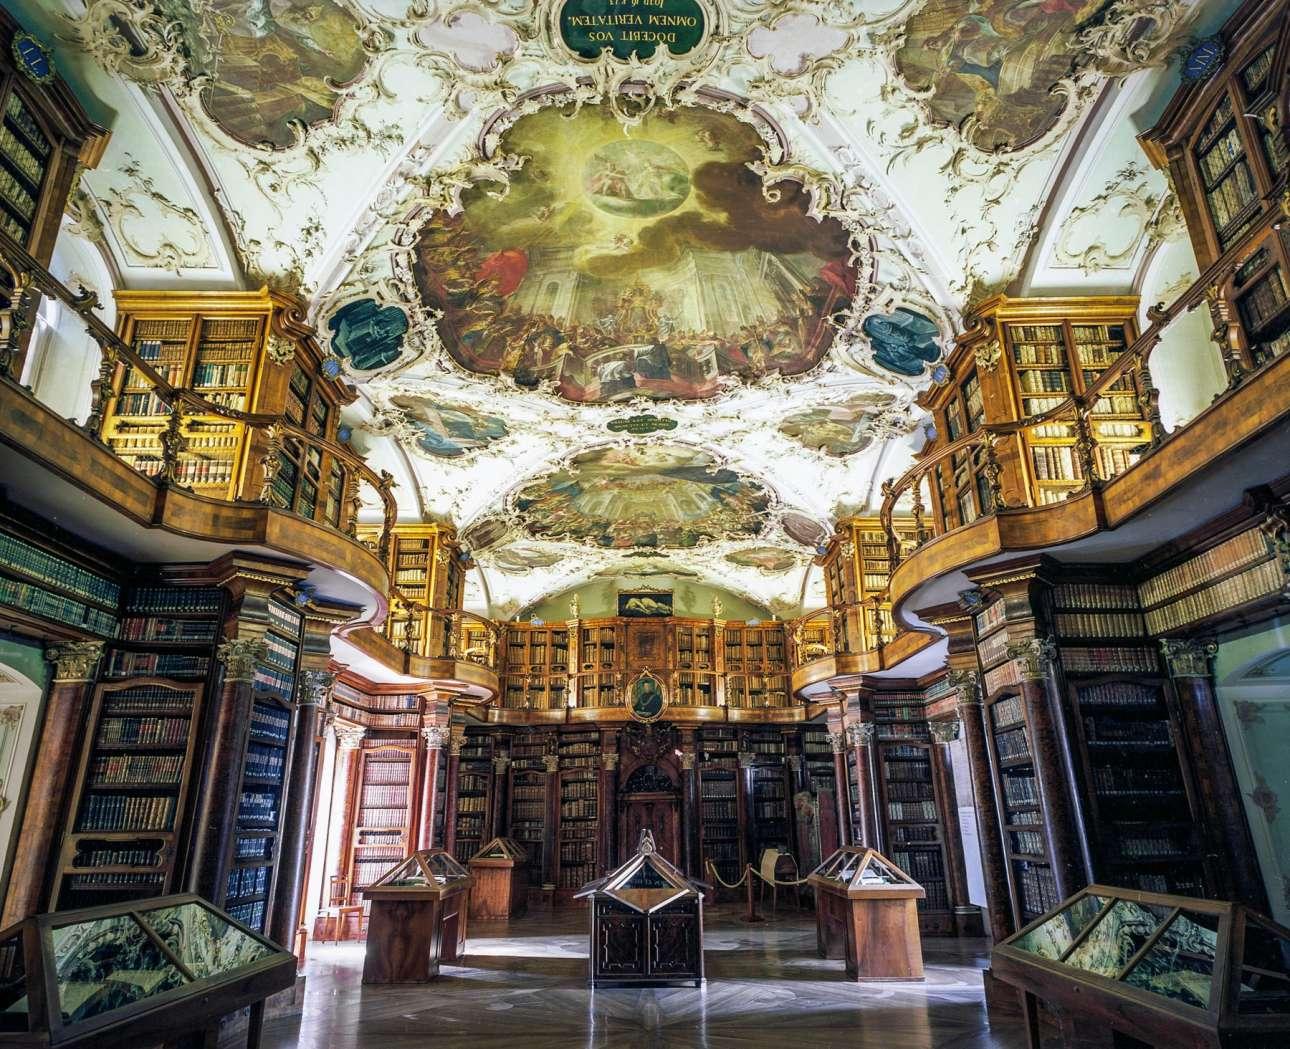 Η επιβλητική Βιβλιοθήκη του Αβαείου Σεν Γκάλεν στην Ελβετία με μπαρόκ διακόσμηση